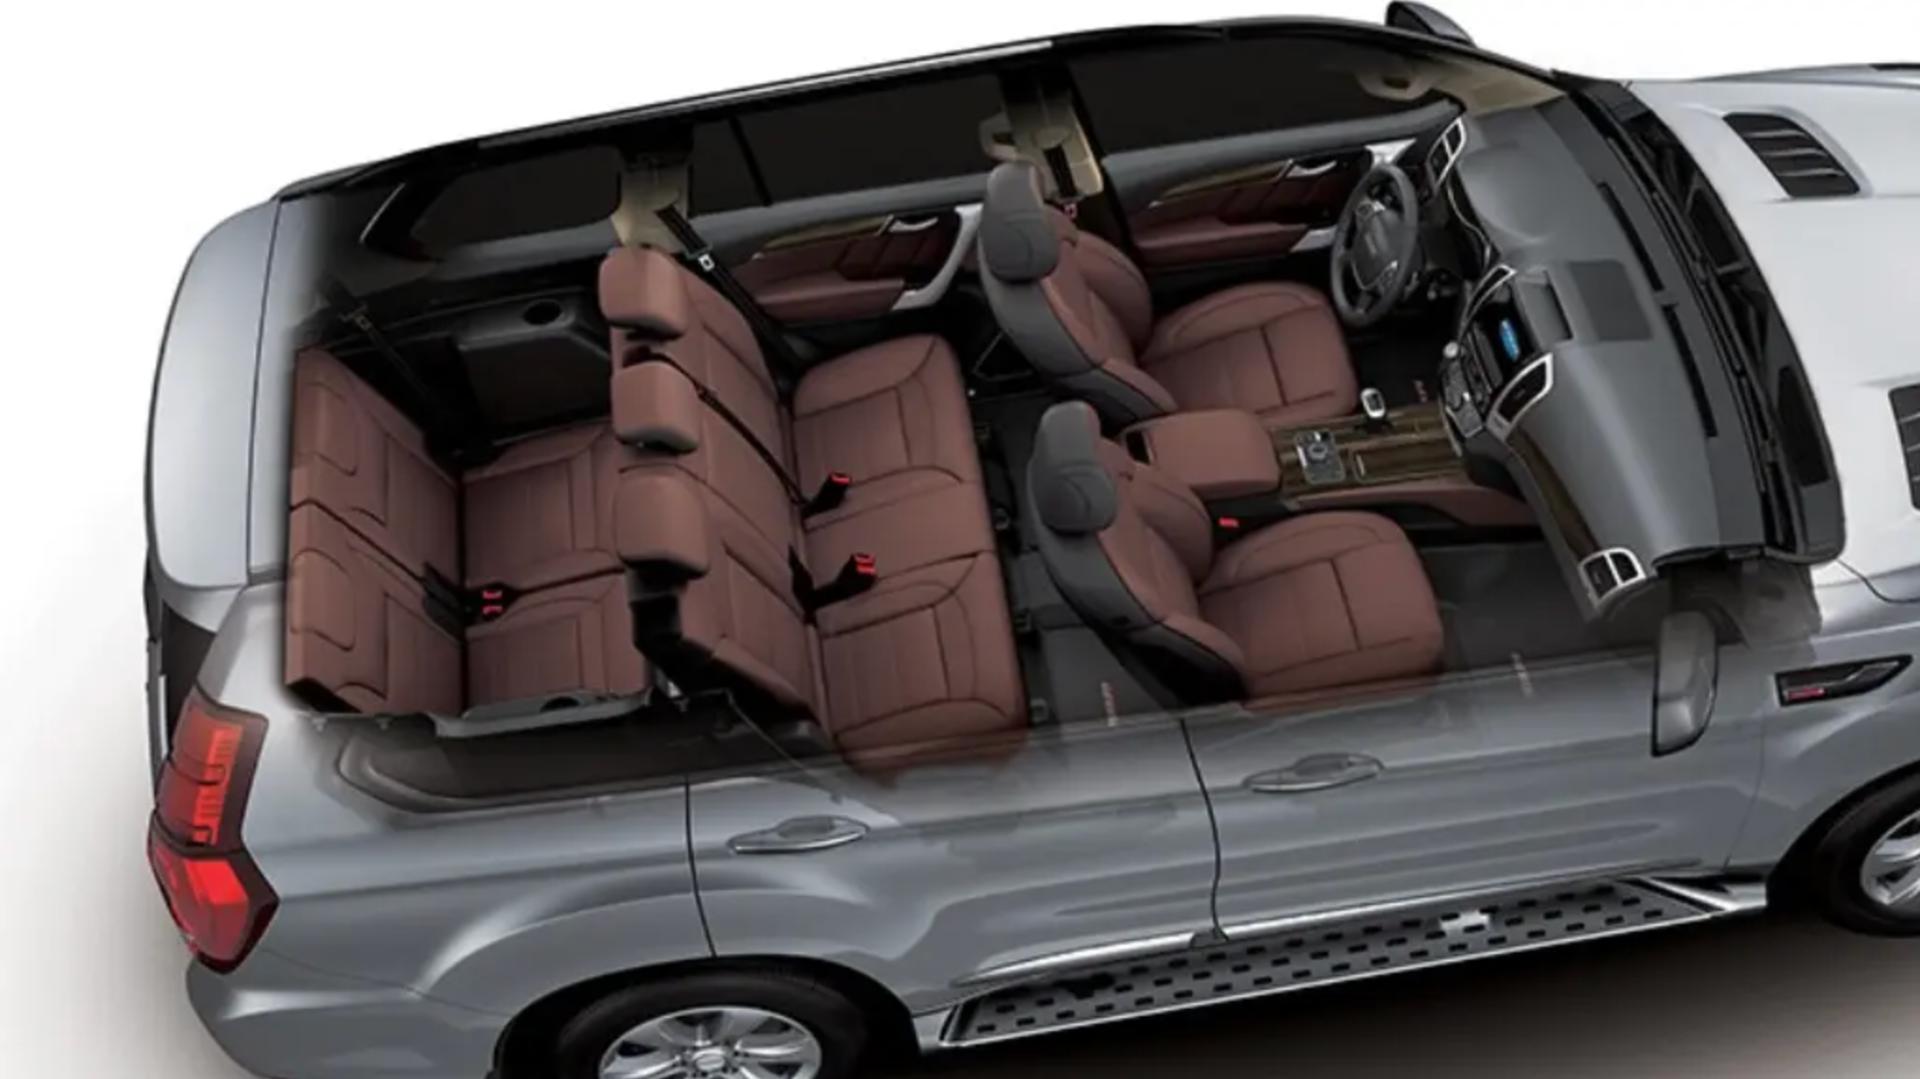 شركة صينية تقلد تويوتا بسيارة مذهلة وسعر منافس